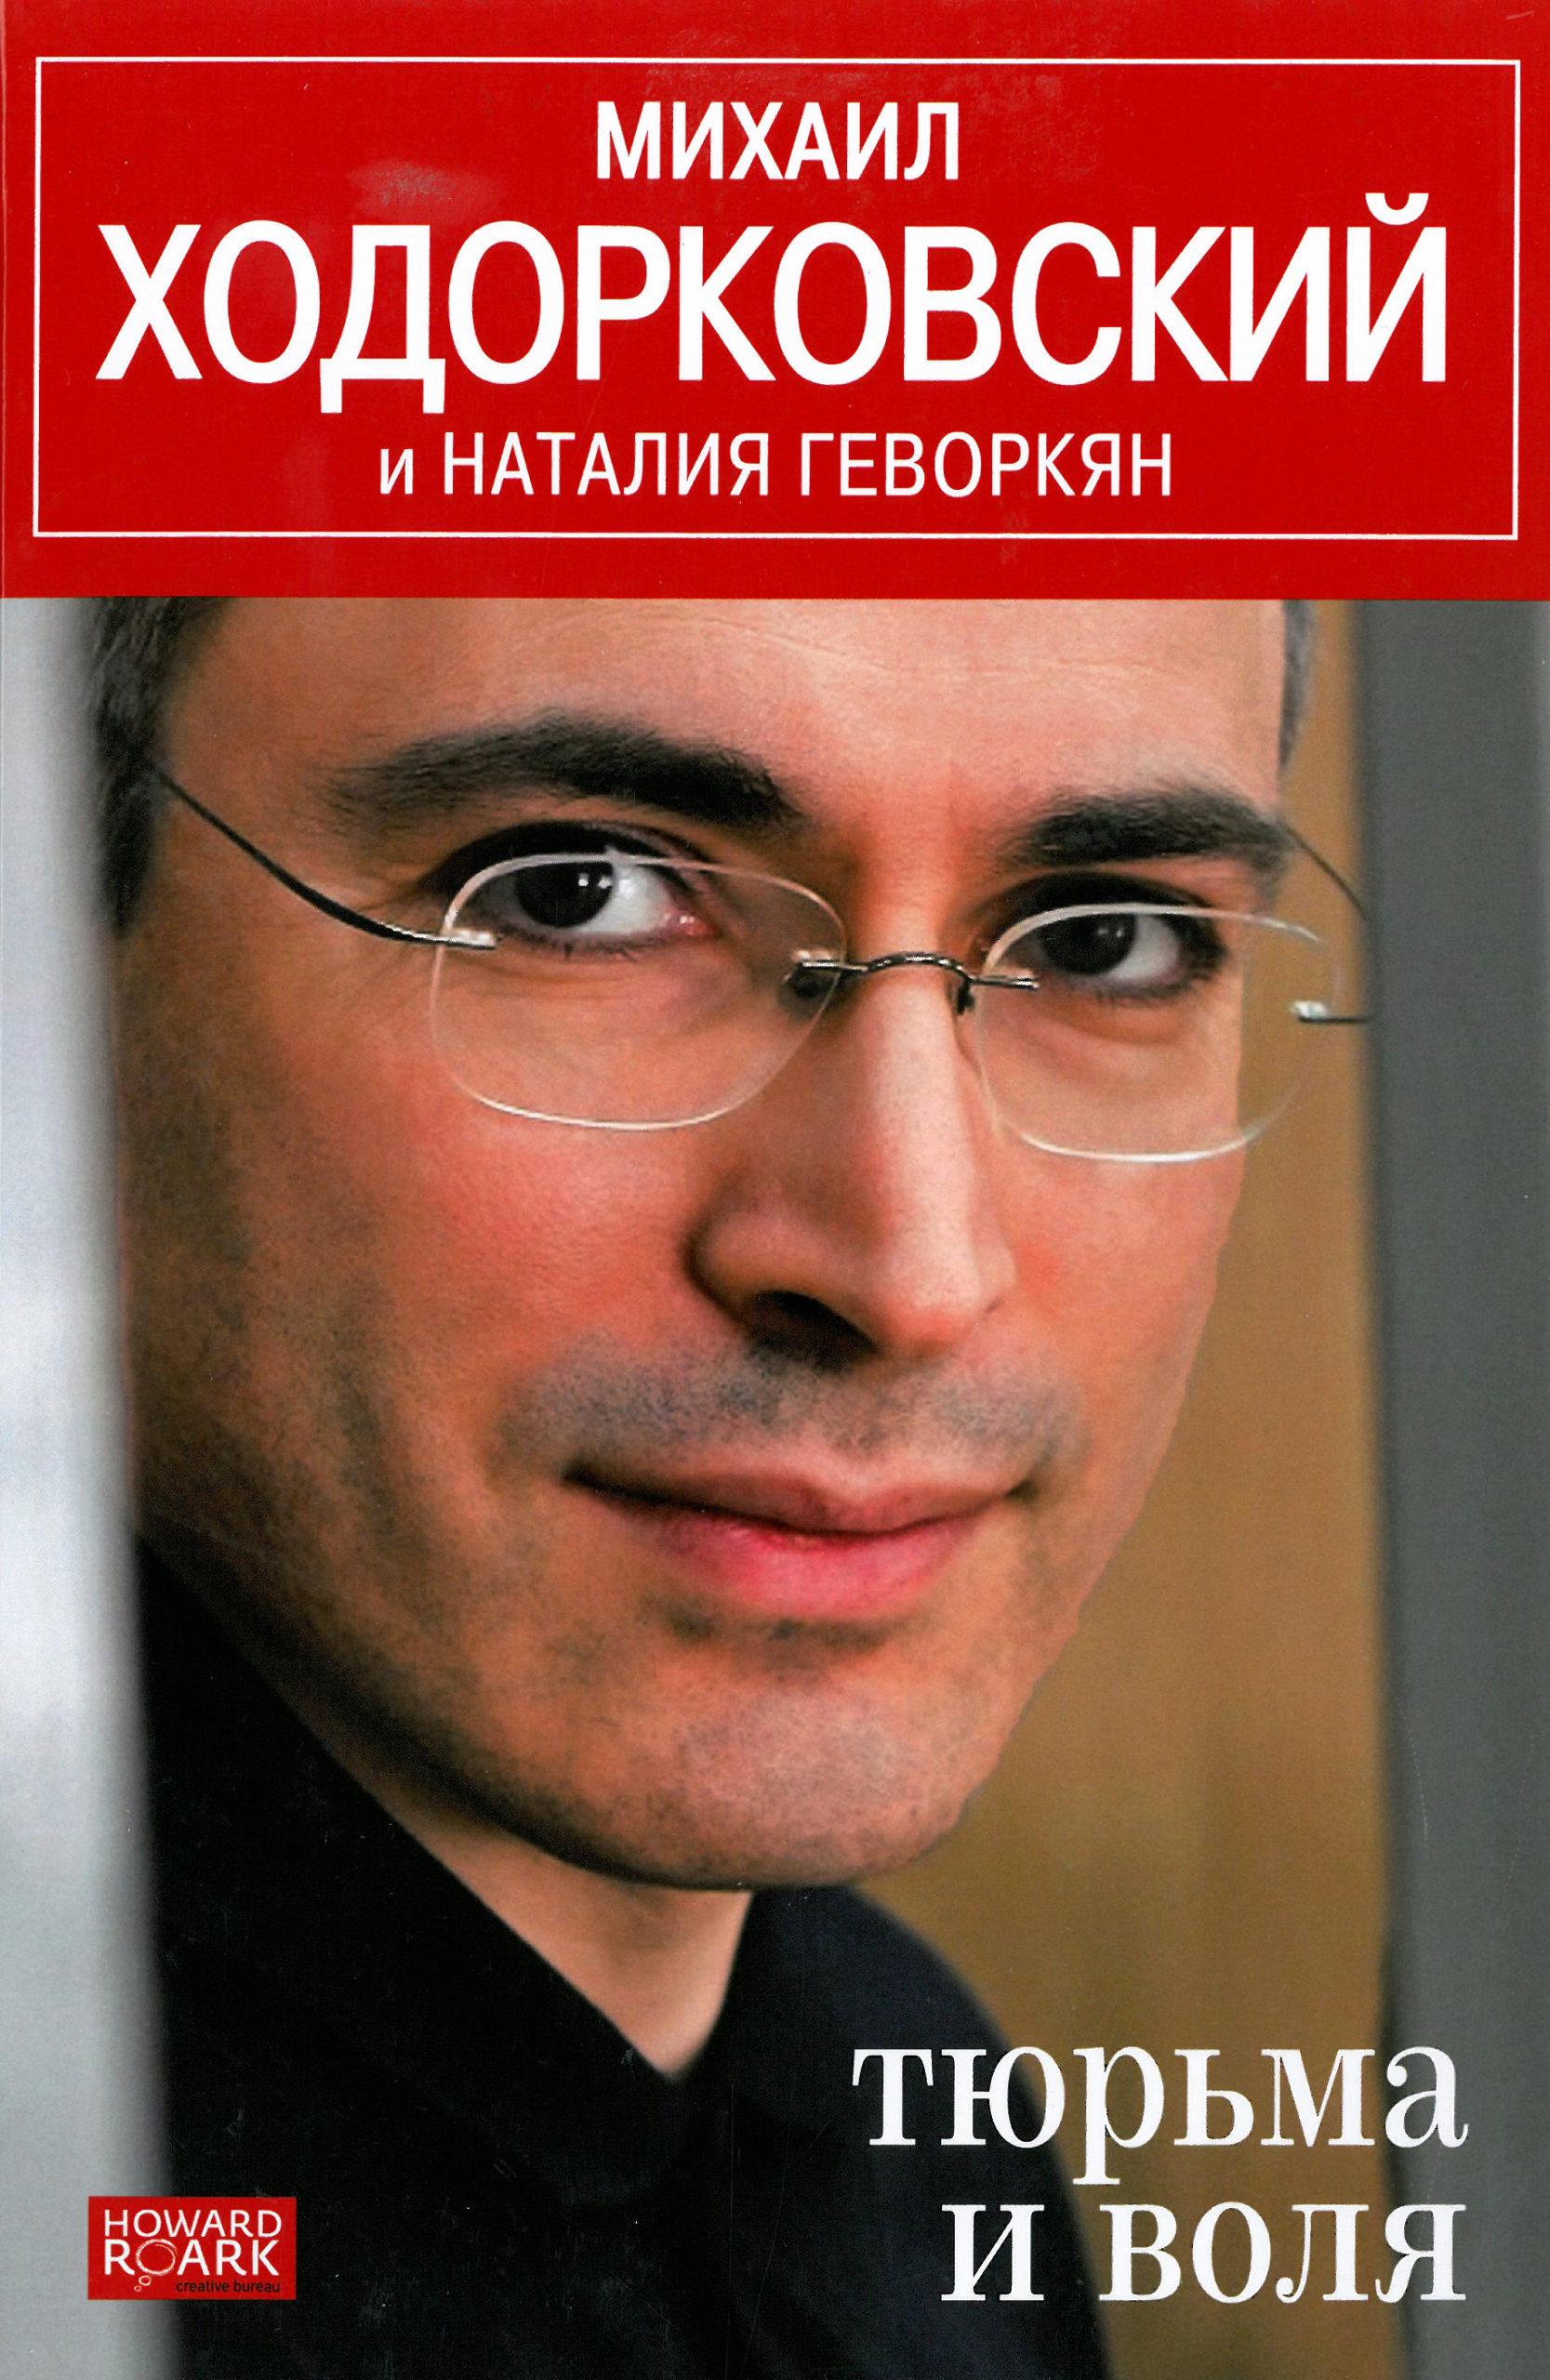 Natalia Gevorkjan & Mihal Hodorkovski: Tjurma i volja. Govard Rork 2012, 400 s.